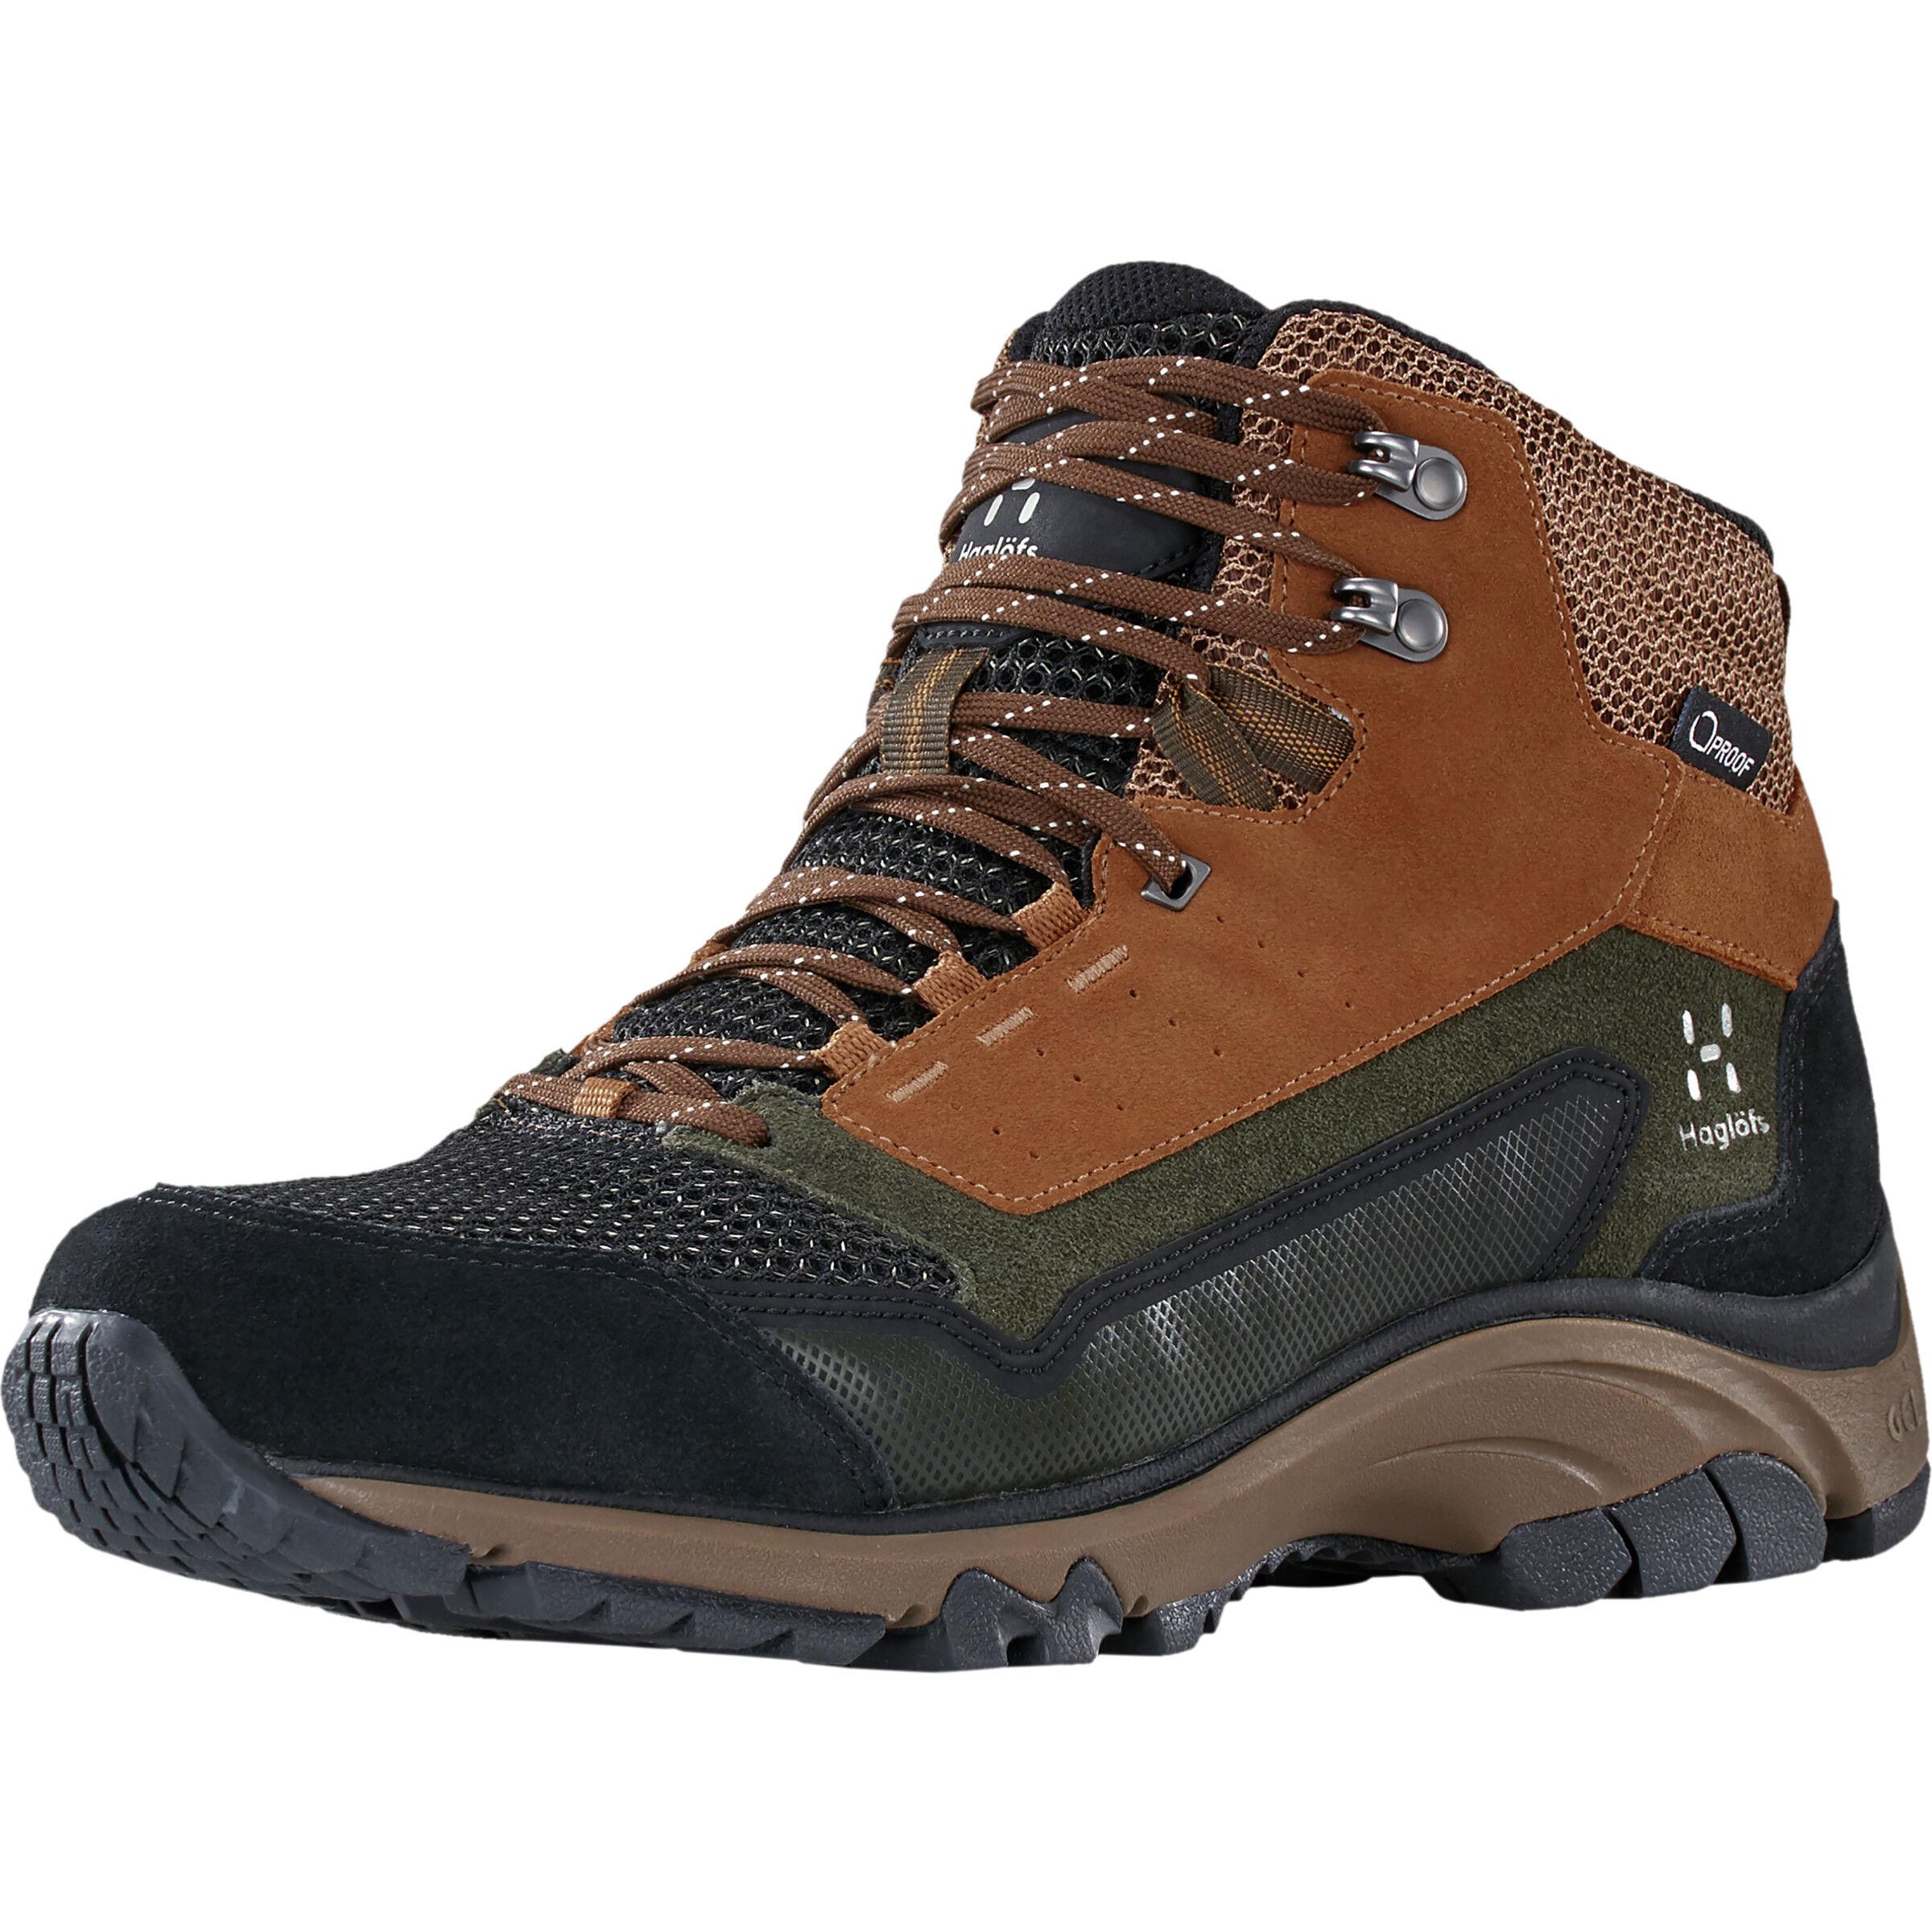 ADIDAS BERGSCHUHE WANDERSCHUHE Leder Boots Schuhe Gr. 5,5